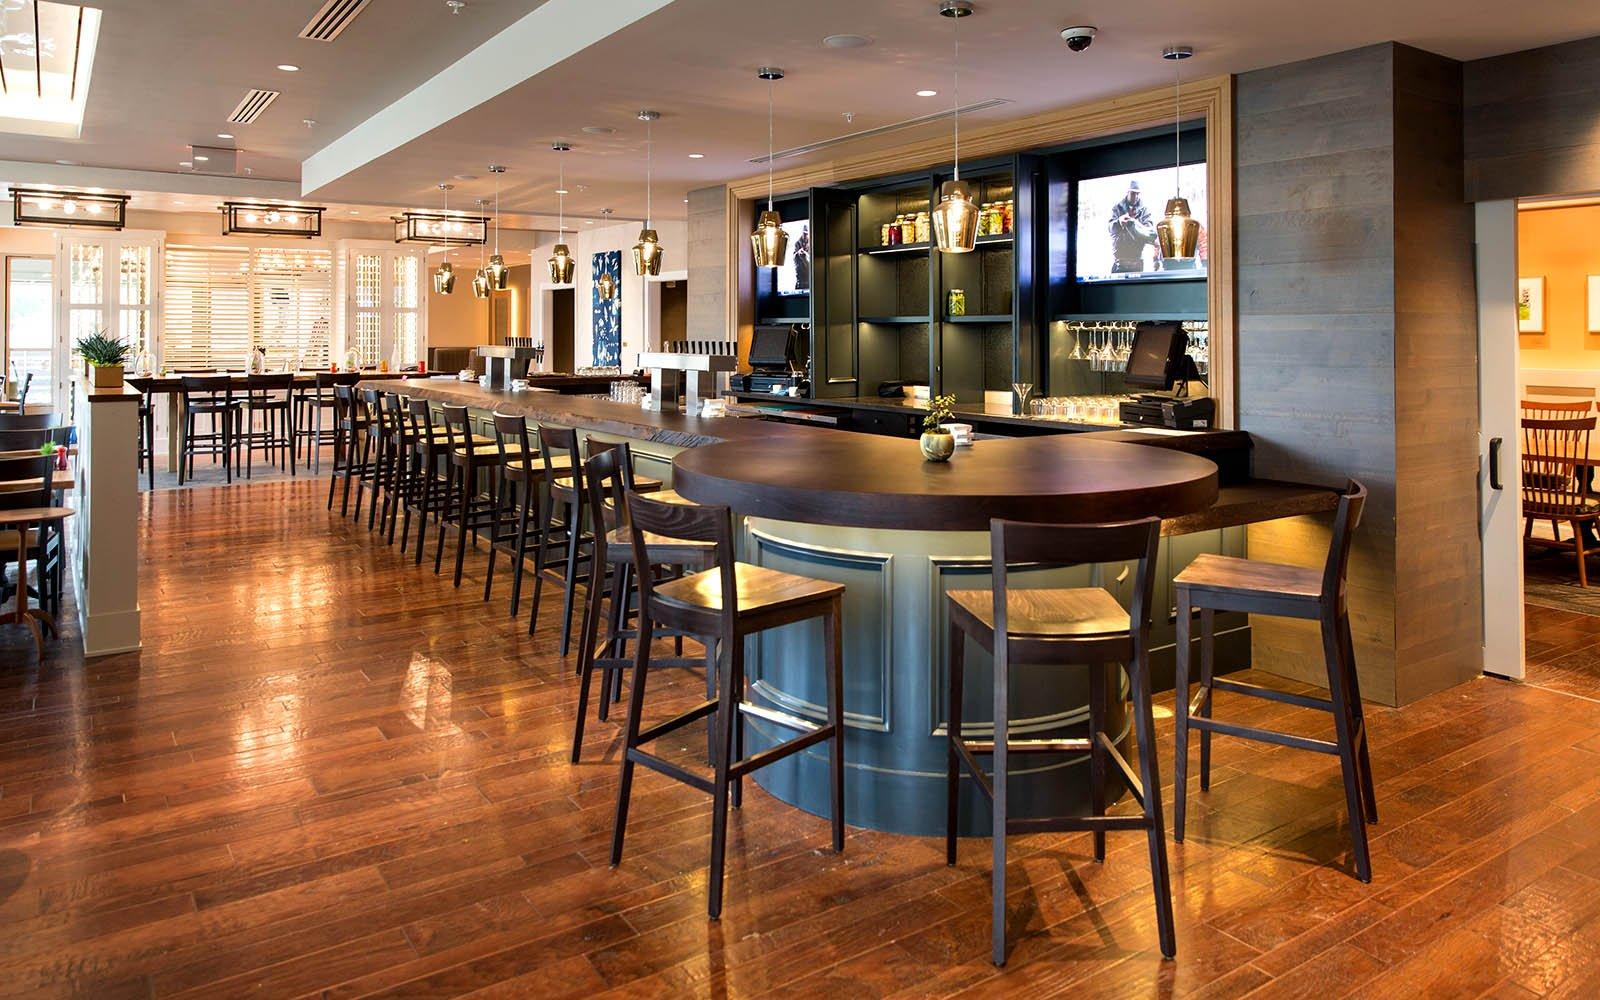 Interior shot of the bar at the Broad Table Tavern